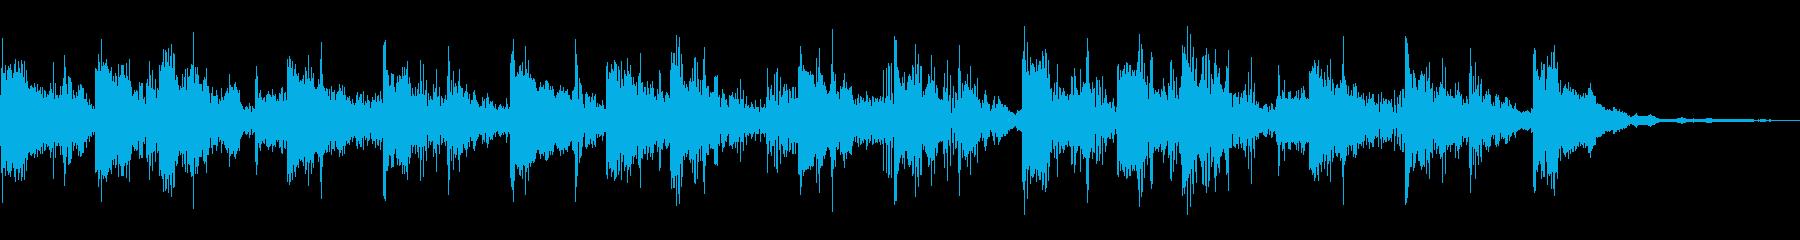 リバーブタグの再生済みの波形